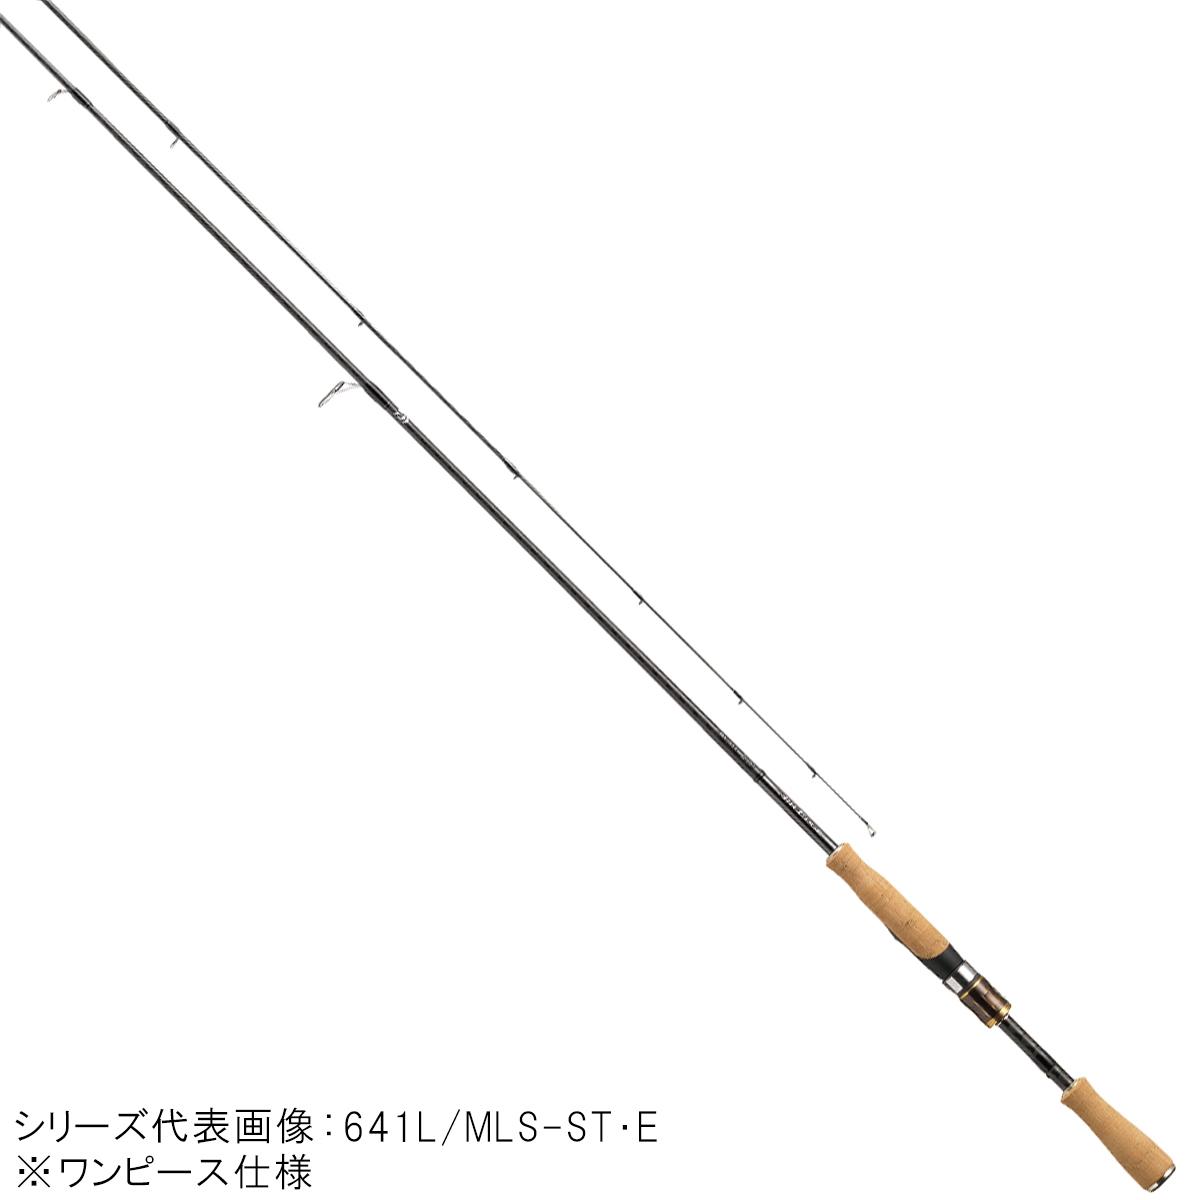 ダイワ エアエッジ スピニングモデル 621ULS-ST・E【大型商品】